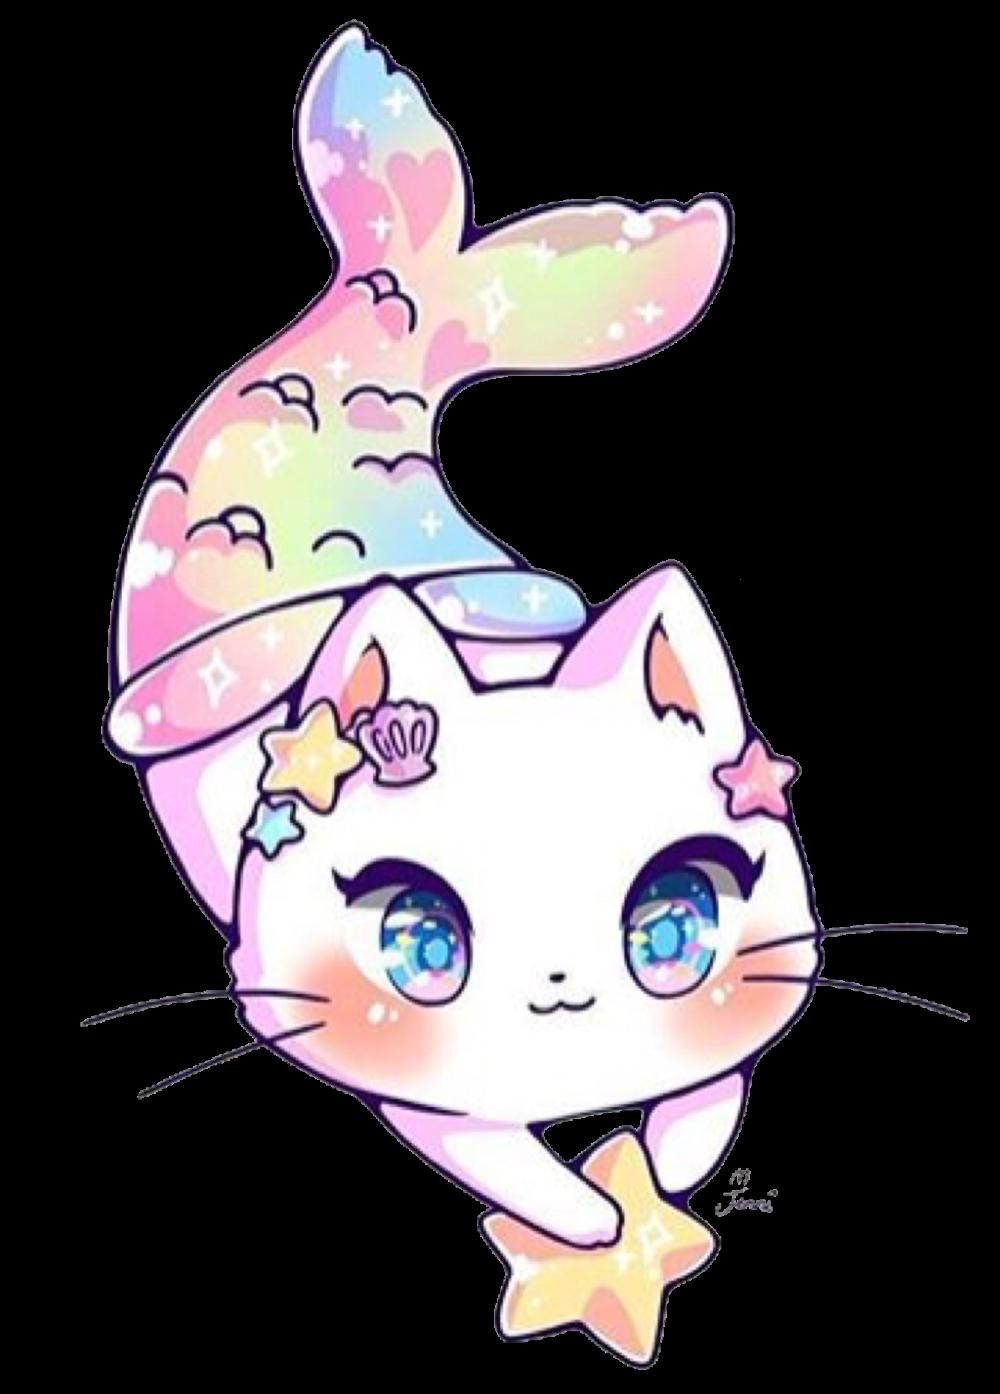 Kawaii Adorable Jenniillustrations Cat Mermaid Mermaidt Kawaii Cat Drawing Cute Cartoon Drawings Cute Animal Drawings Kawaii